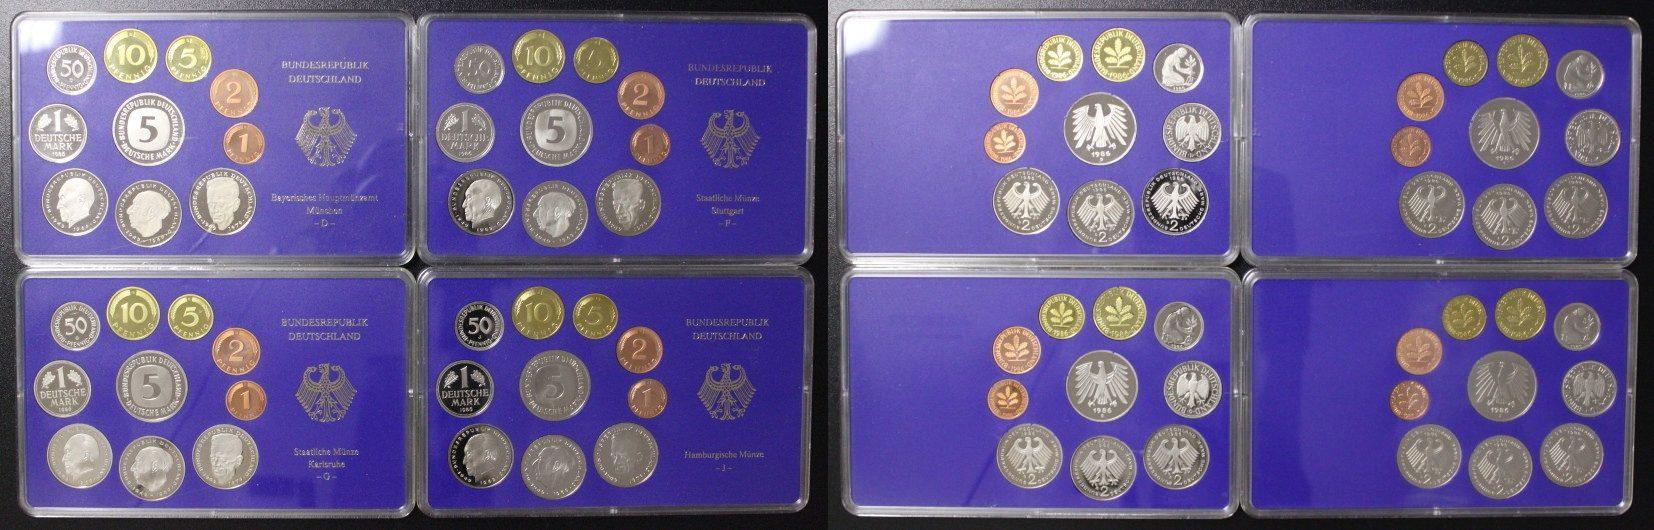 KMS 1986 D-J BRD Deutschland, Kursmünzensatz komplett (4 Platten DM) PP/OVP*